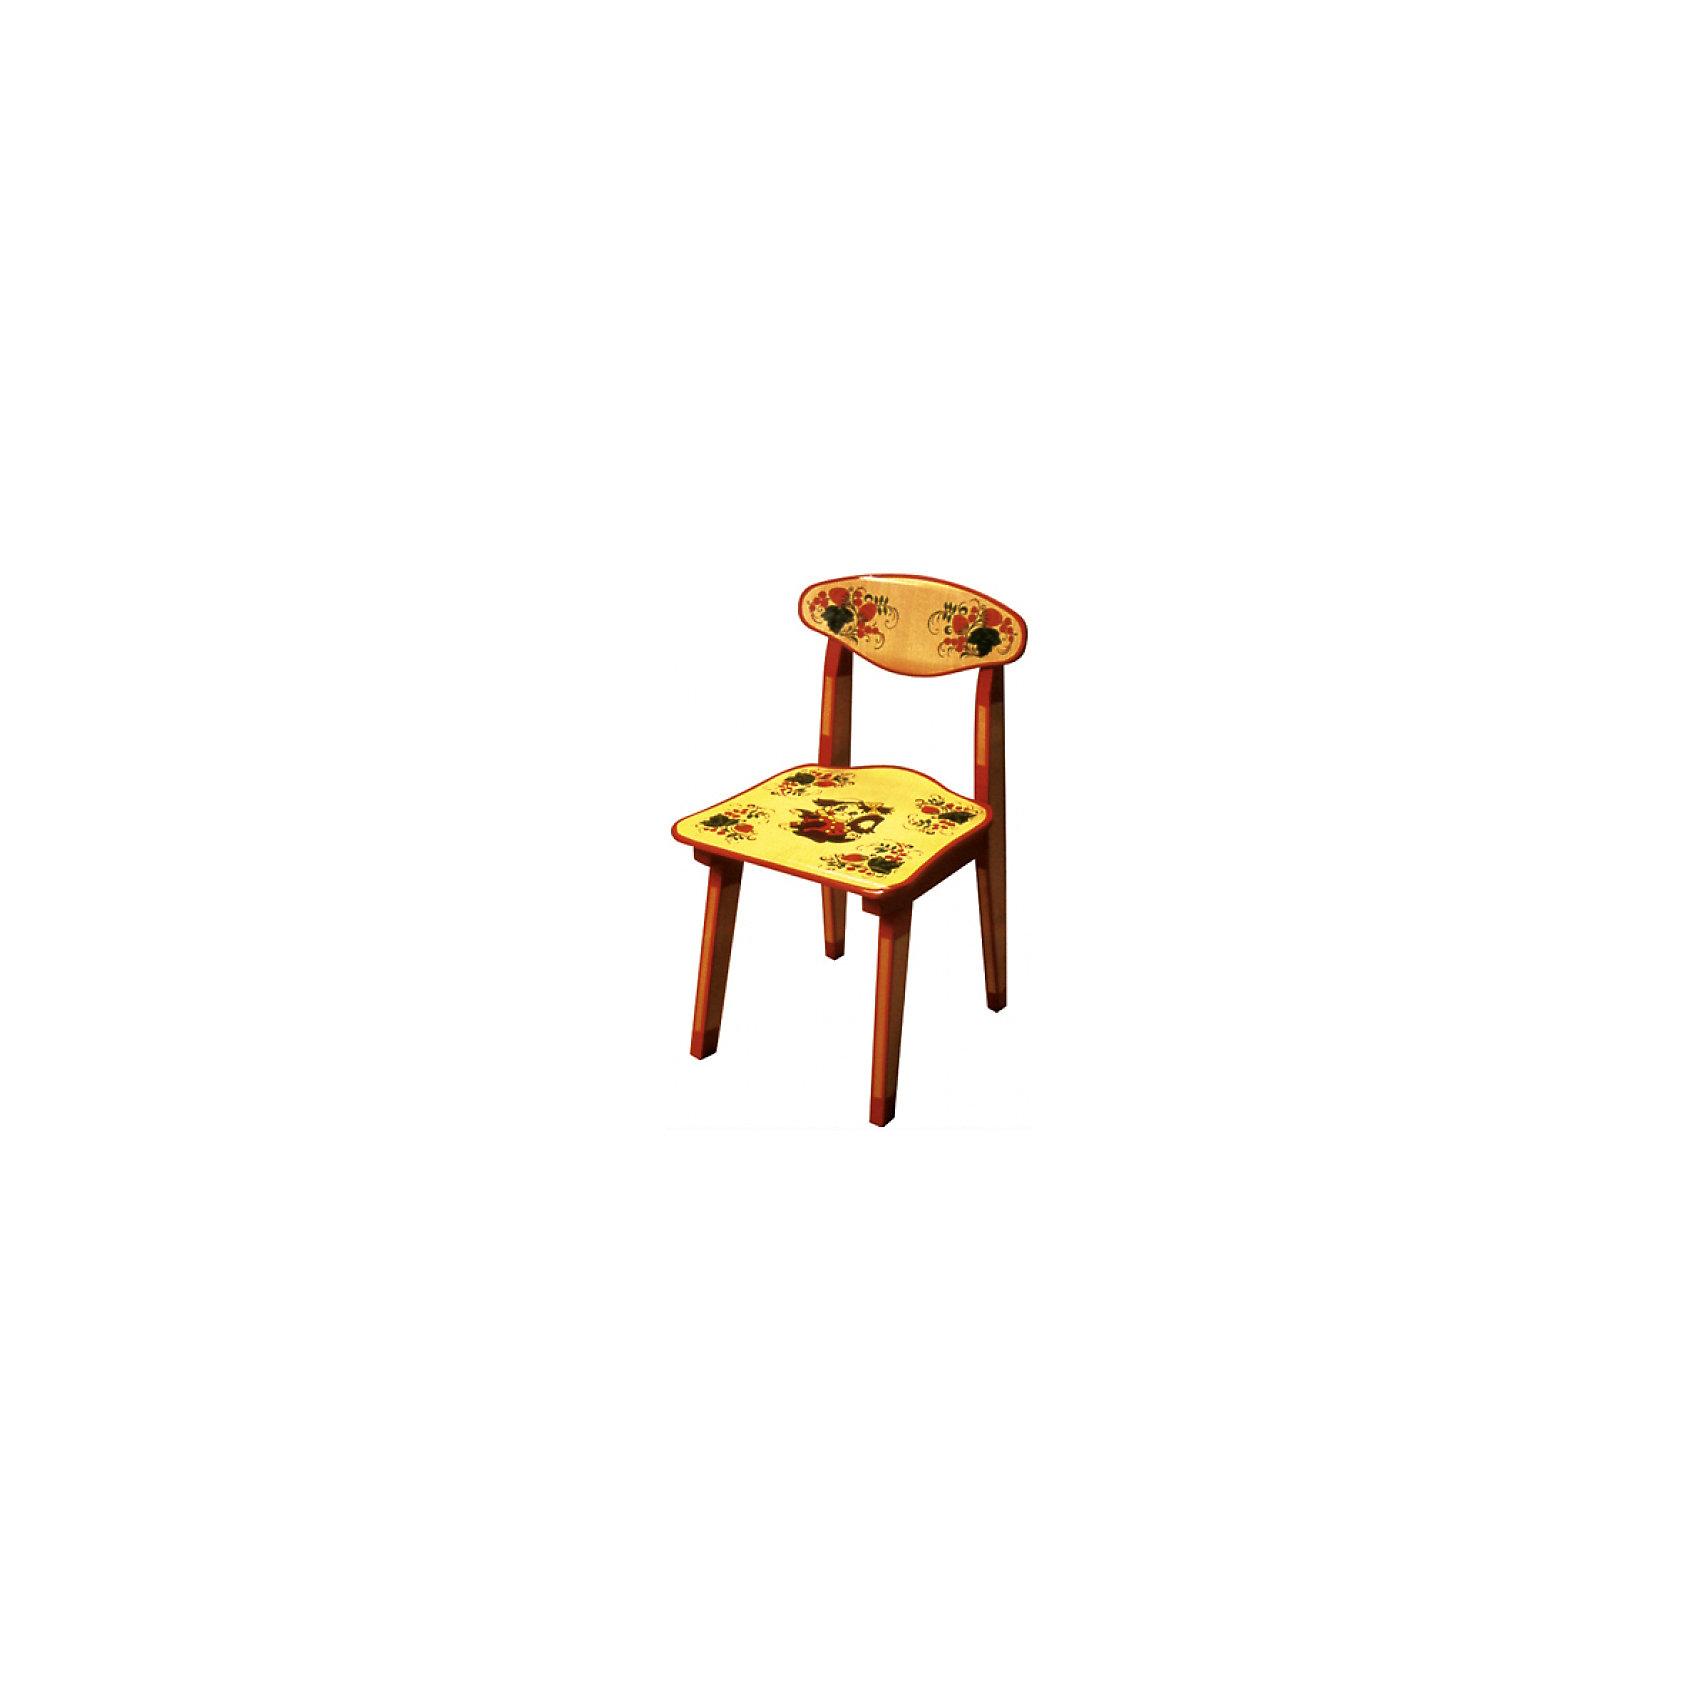 Стул ЗверькиТакой сказочный стульчик был практически у каждого в детстве, так пусть и вашего ребенка радует!<br>Яркий красочный стульчик прекрасно подойдет к столу, выполненному в такой же стилистике. Роспись сделана по золотому фону традиционными красным и темно-коричневым цветами. Стул изготовлен из дерева, пропитан льняным маслом и покрыт росписью и безвредным для ребенка лаком. Стул очень прочный и устойчивый, покрытие закалено при особом температурном режиме и не будет отслаиваться или облупливаться при частой влажной уборке.<br><br>Дополнительная информация:<br><br>- Материал: дерево.<br>- Цвет: орнамент -  Хохломская роспись зверьки. <br>- Высота: 43,5 см.<br>- Сидение: 30х28 см.<br><br>Детский стул Зверьки можно купить в нашем магазине.<br><br>Ширина мм: 500<br>Глубина мм: 120<br>Высота мм: 300<br>Вес г: 2000<br>Возраст от месяцев: 24<br>Возраст до месяцев: 84<br>Пол: Унисекс<br>Возраст: Детский<br>SKU: 4718381